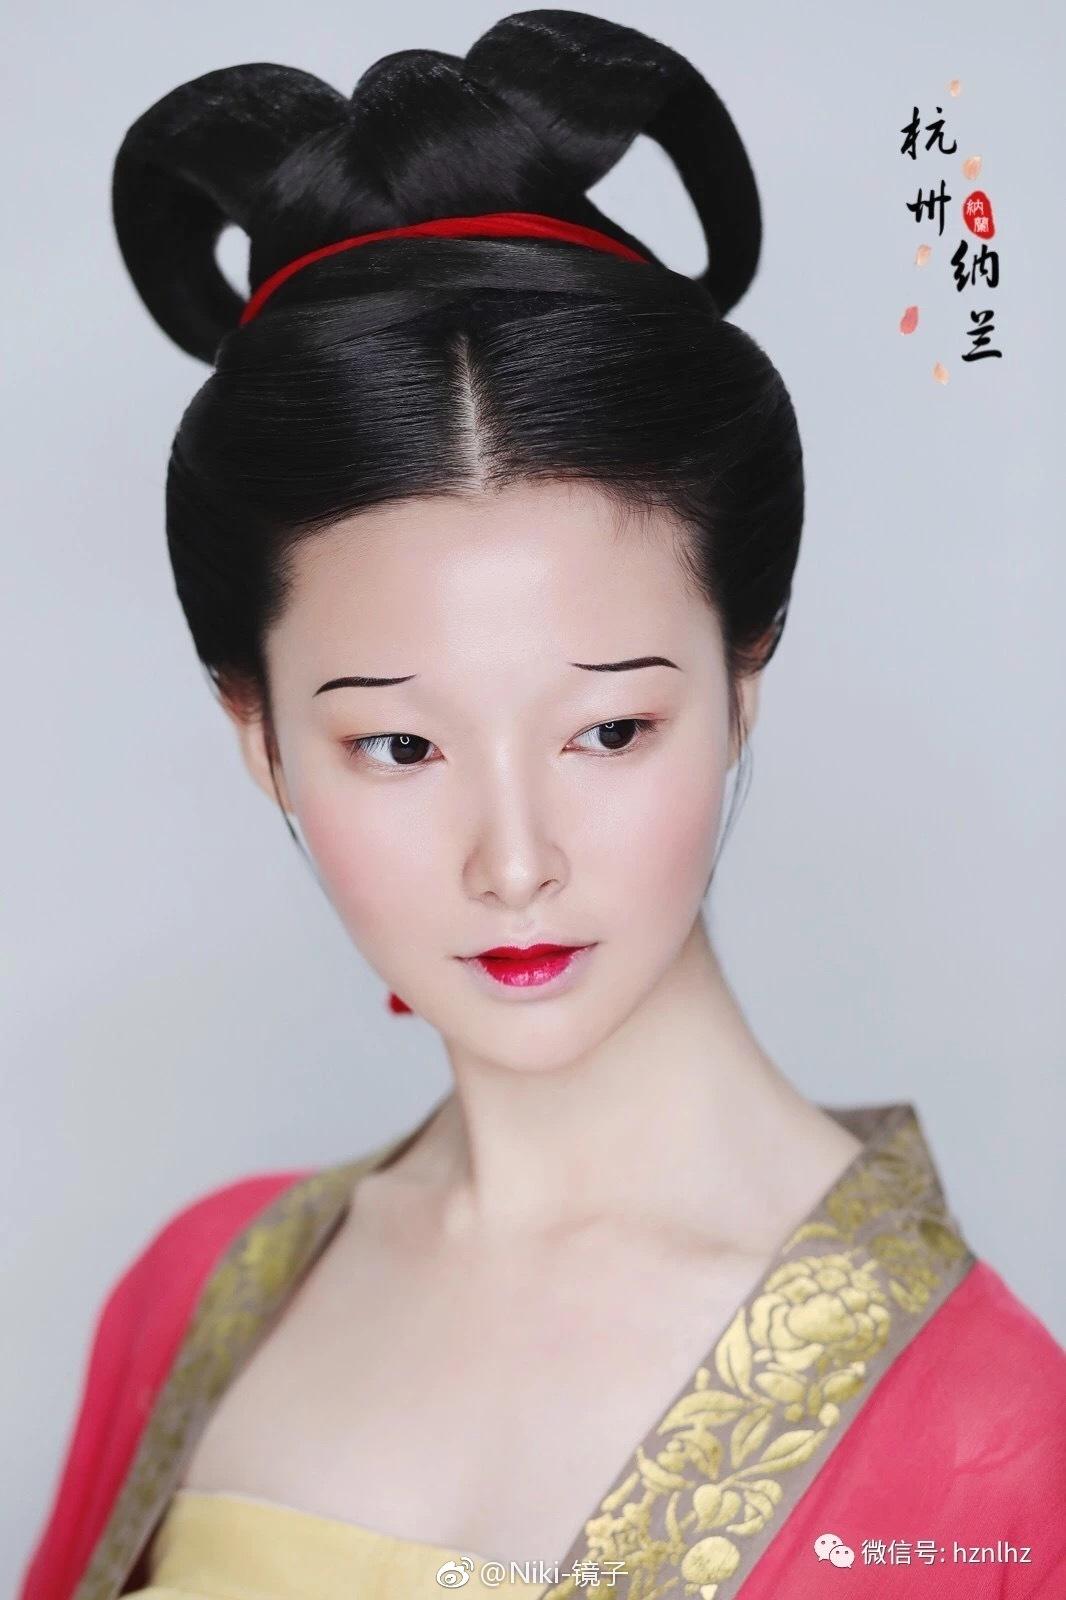 宋代女子面部的妆容多以素淡为主,浓妆艳抹已经不怎么时兴了